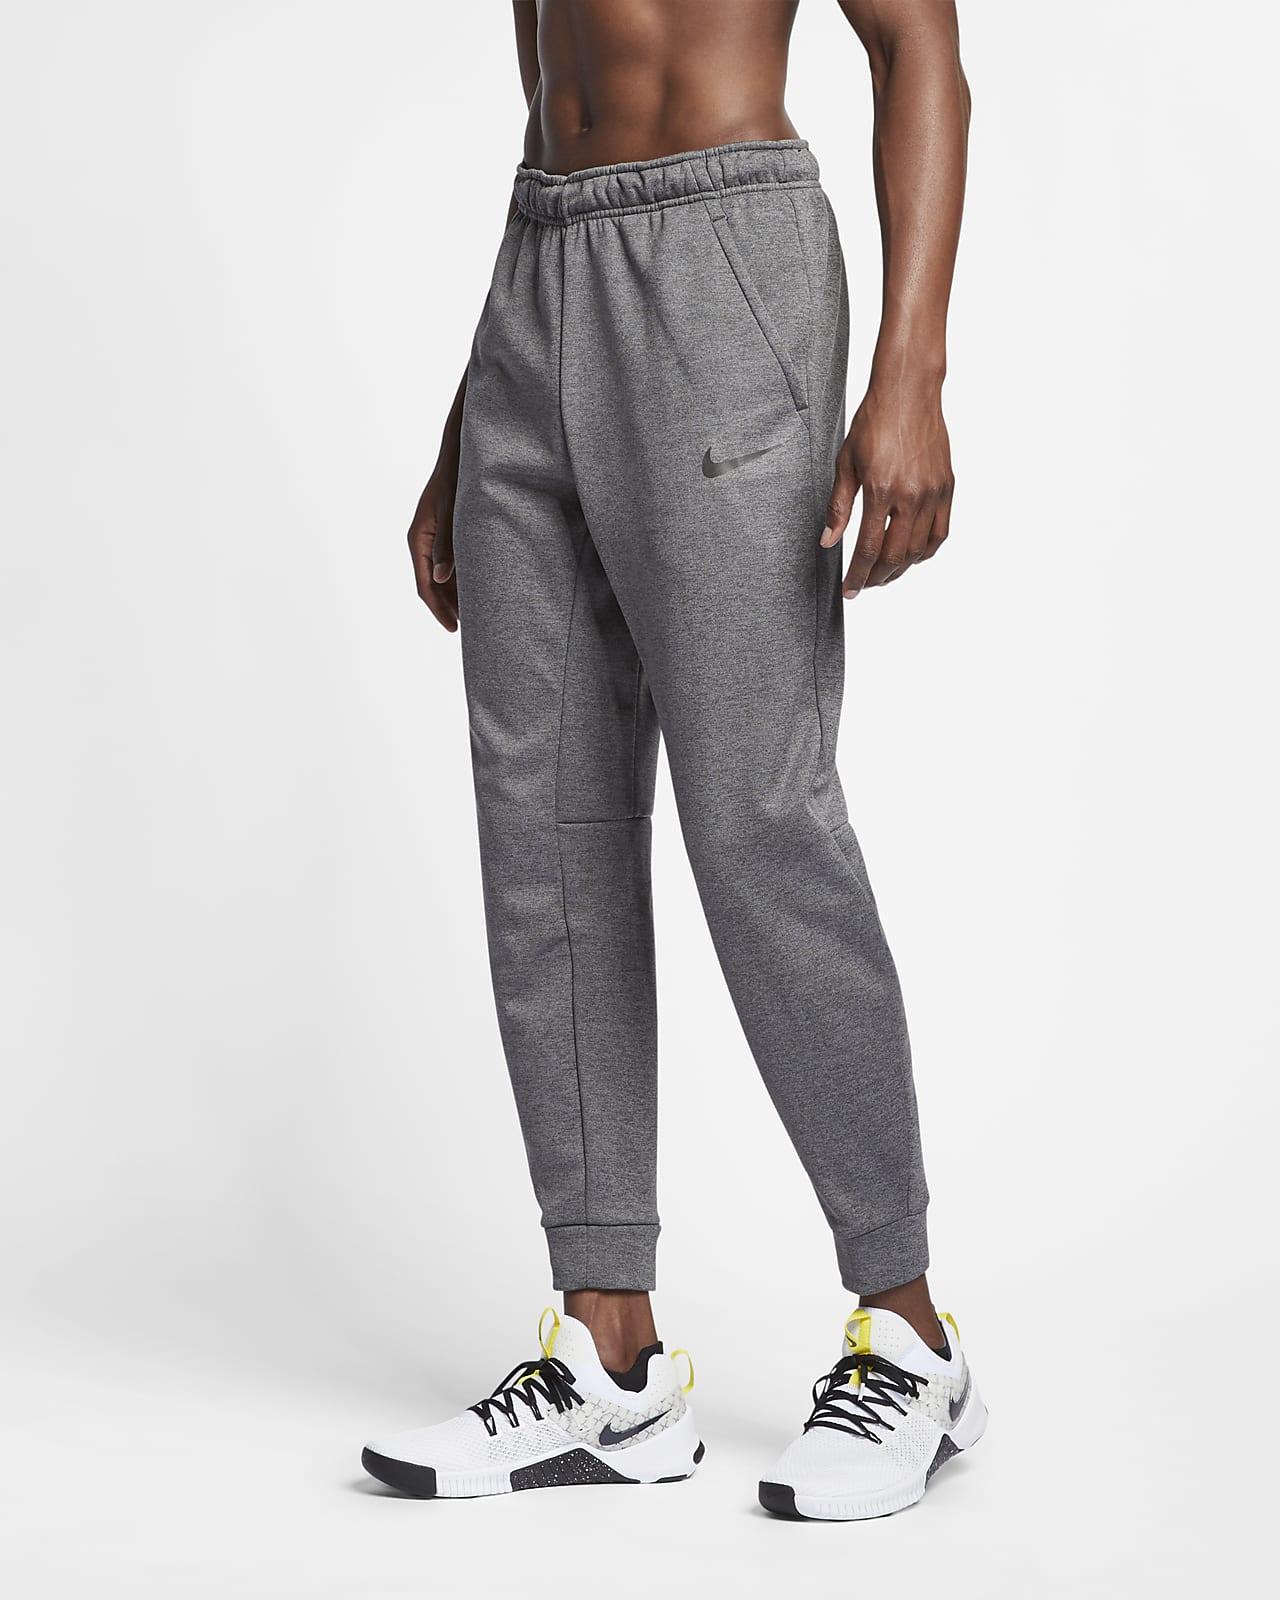 Мужские брюки с зауженным книзу кроем для тренинга Nike Therma-FIT